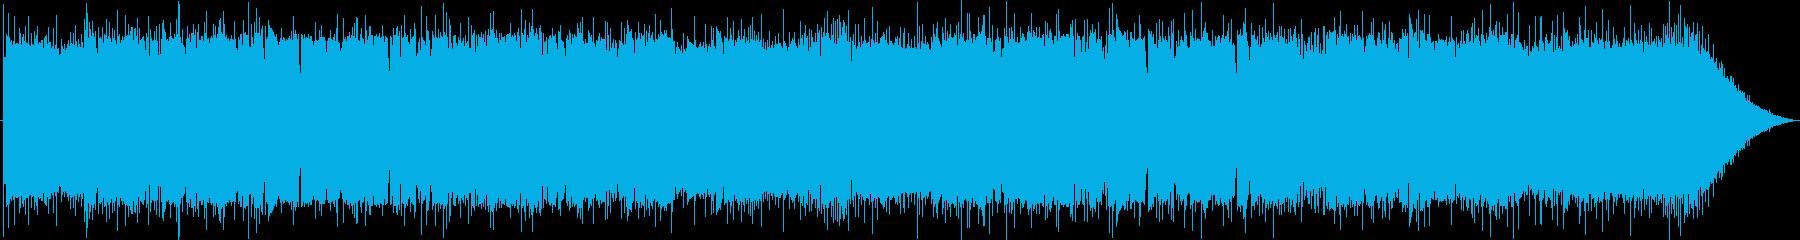 【8bit】さわやかシューティングの夜空の再生済みの波形